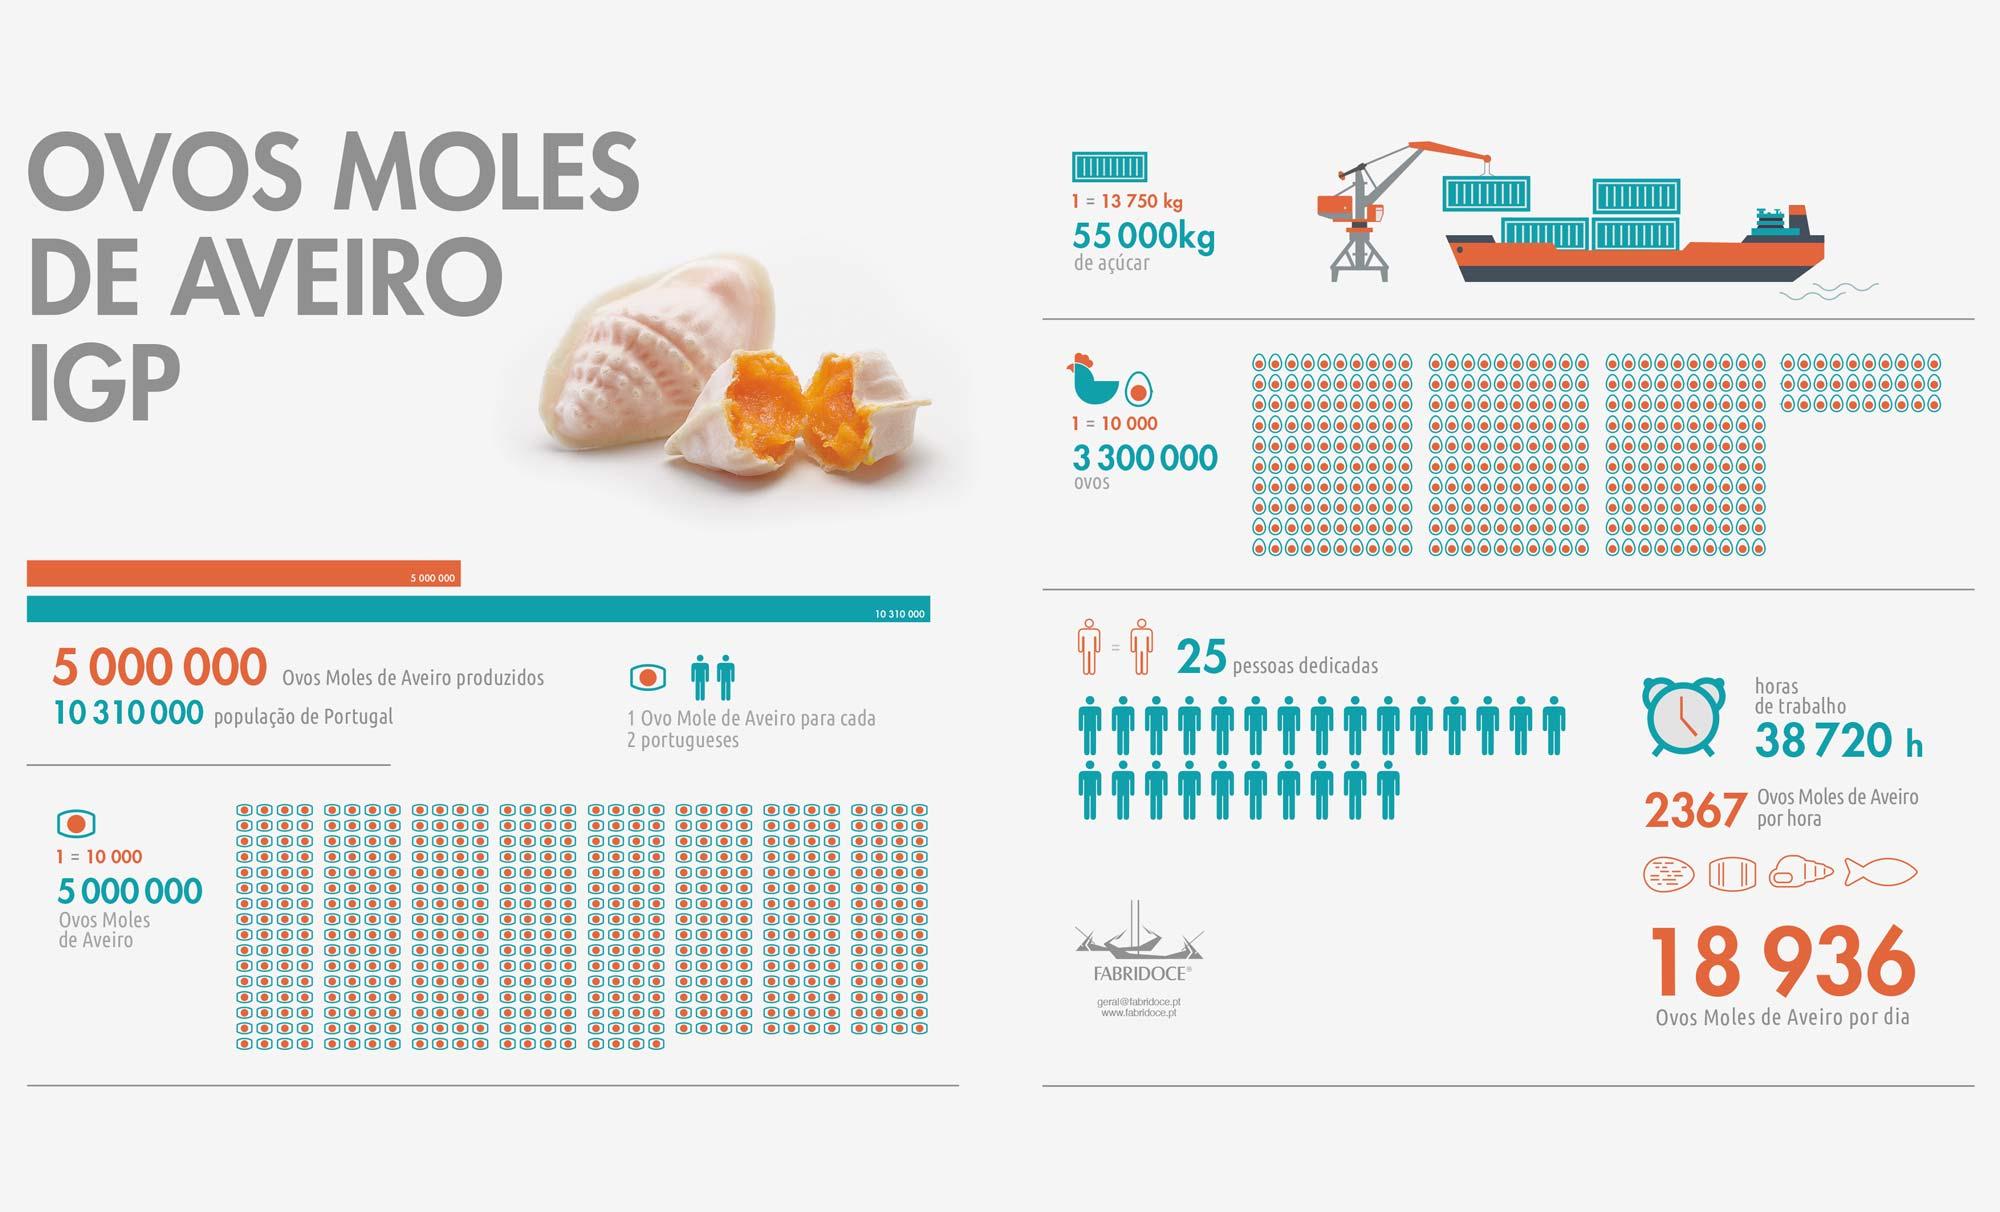 infografia-ovos-moles